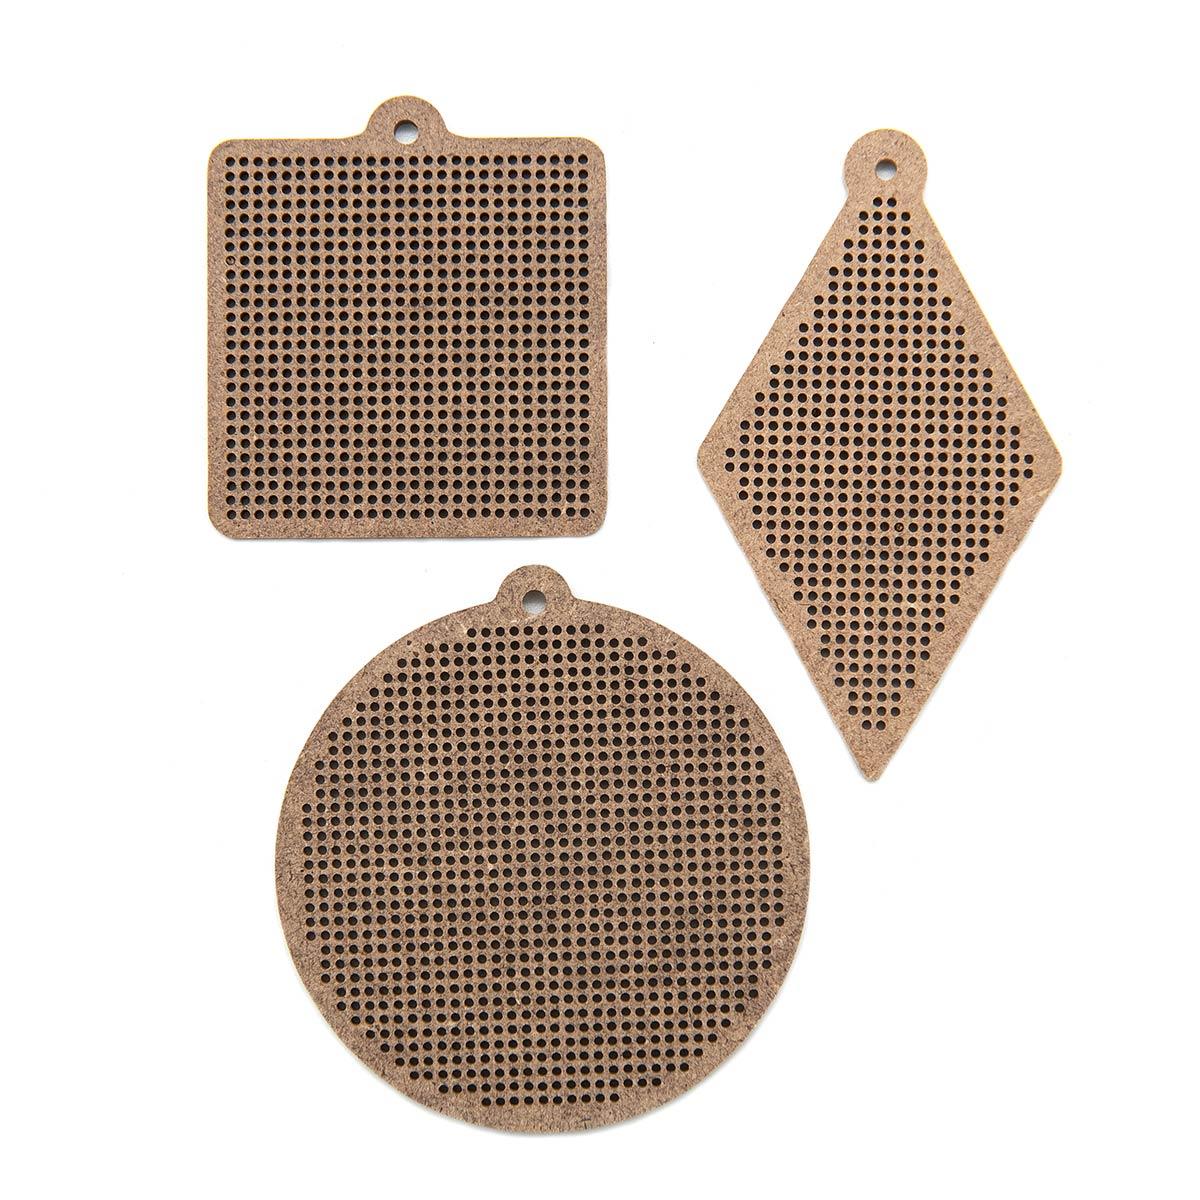 Н303248 Комплект основ для вышивания 'Геометрия' (круг